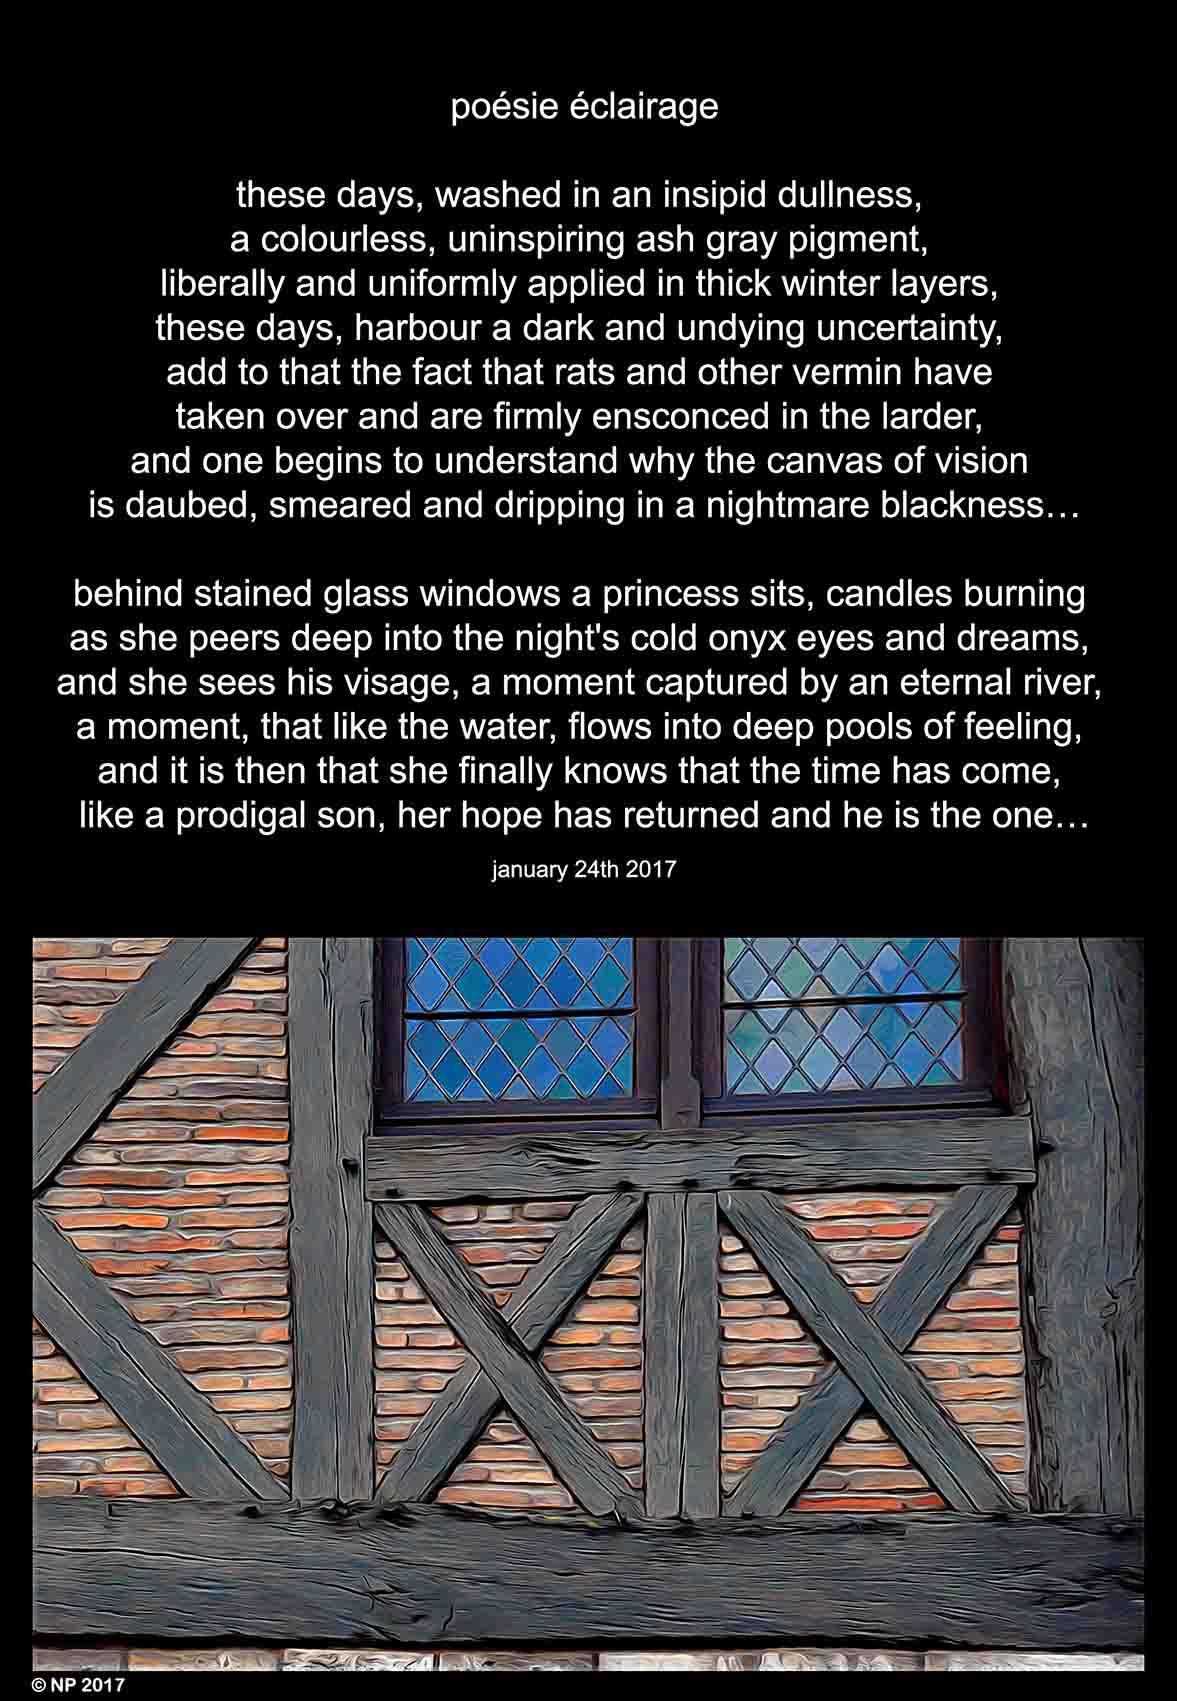 000-poesie-eclairage